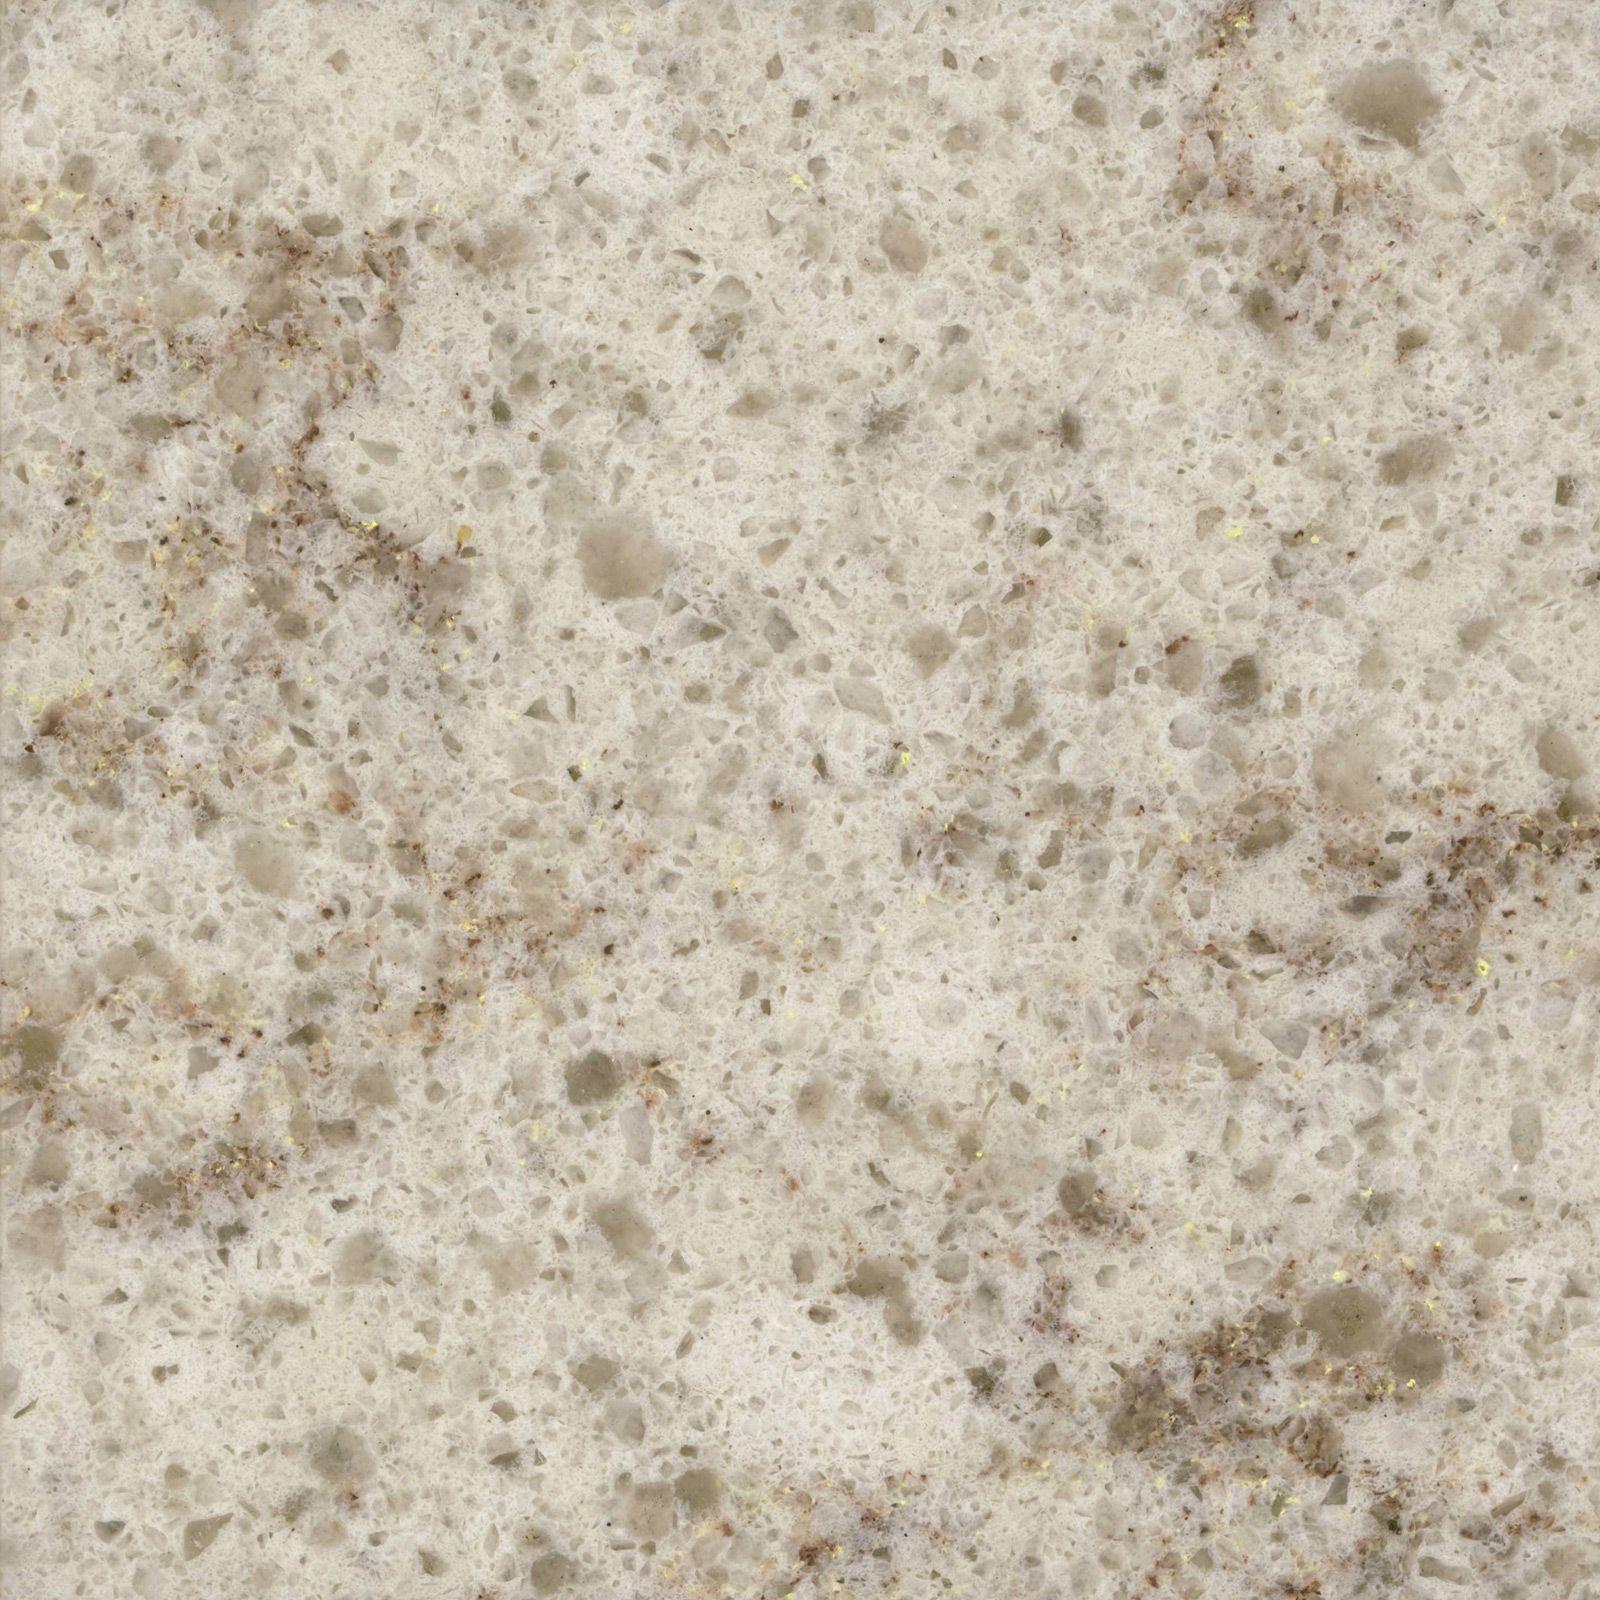 Indian Pearl Hs Quartz Countertops Colors Hanstone Quartz